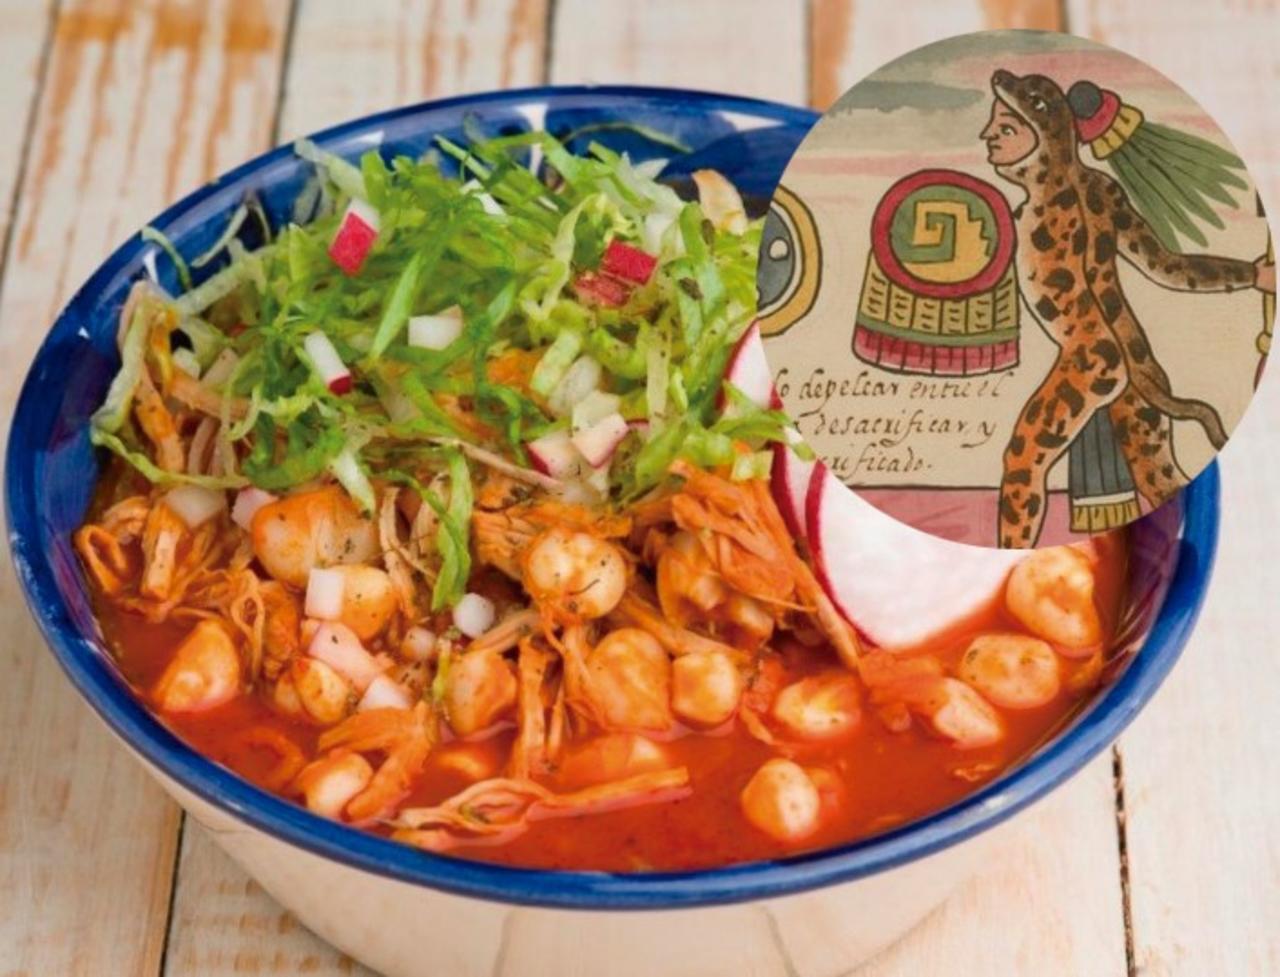 Uno de los platillos más populares del 15 de septiembre en México es el pozole, el cual es un delicioso caldo de chile ancho con carne de cerdo o pollo acompañado de maíz cocido, verdura y tostadas, sin embargo, no todos conocen su origen.